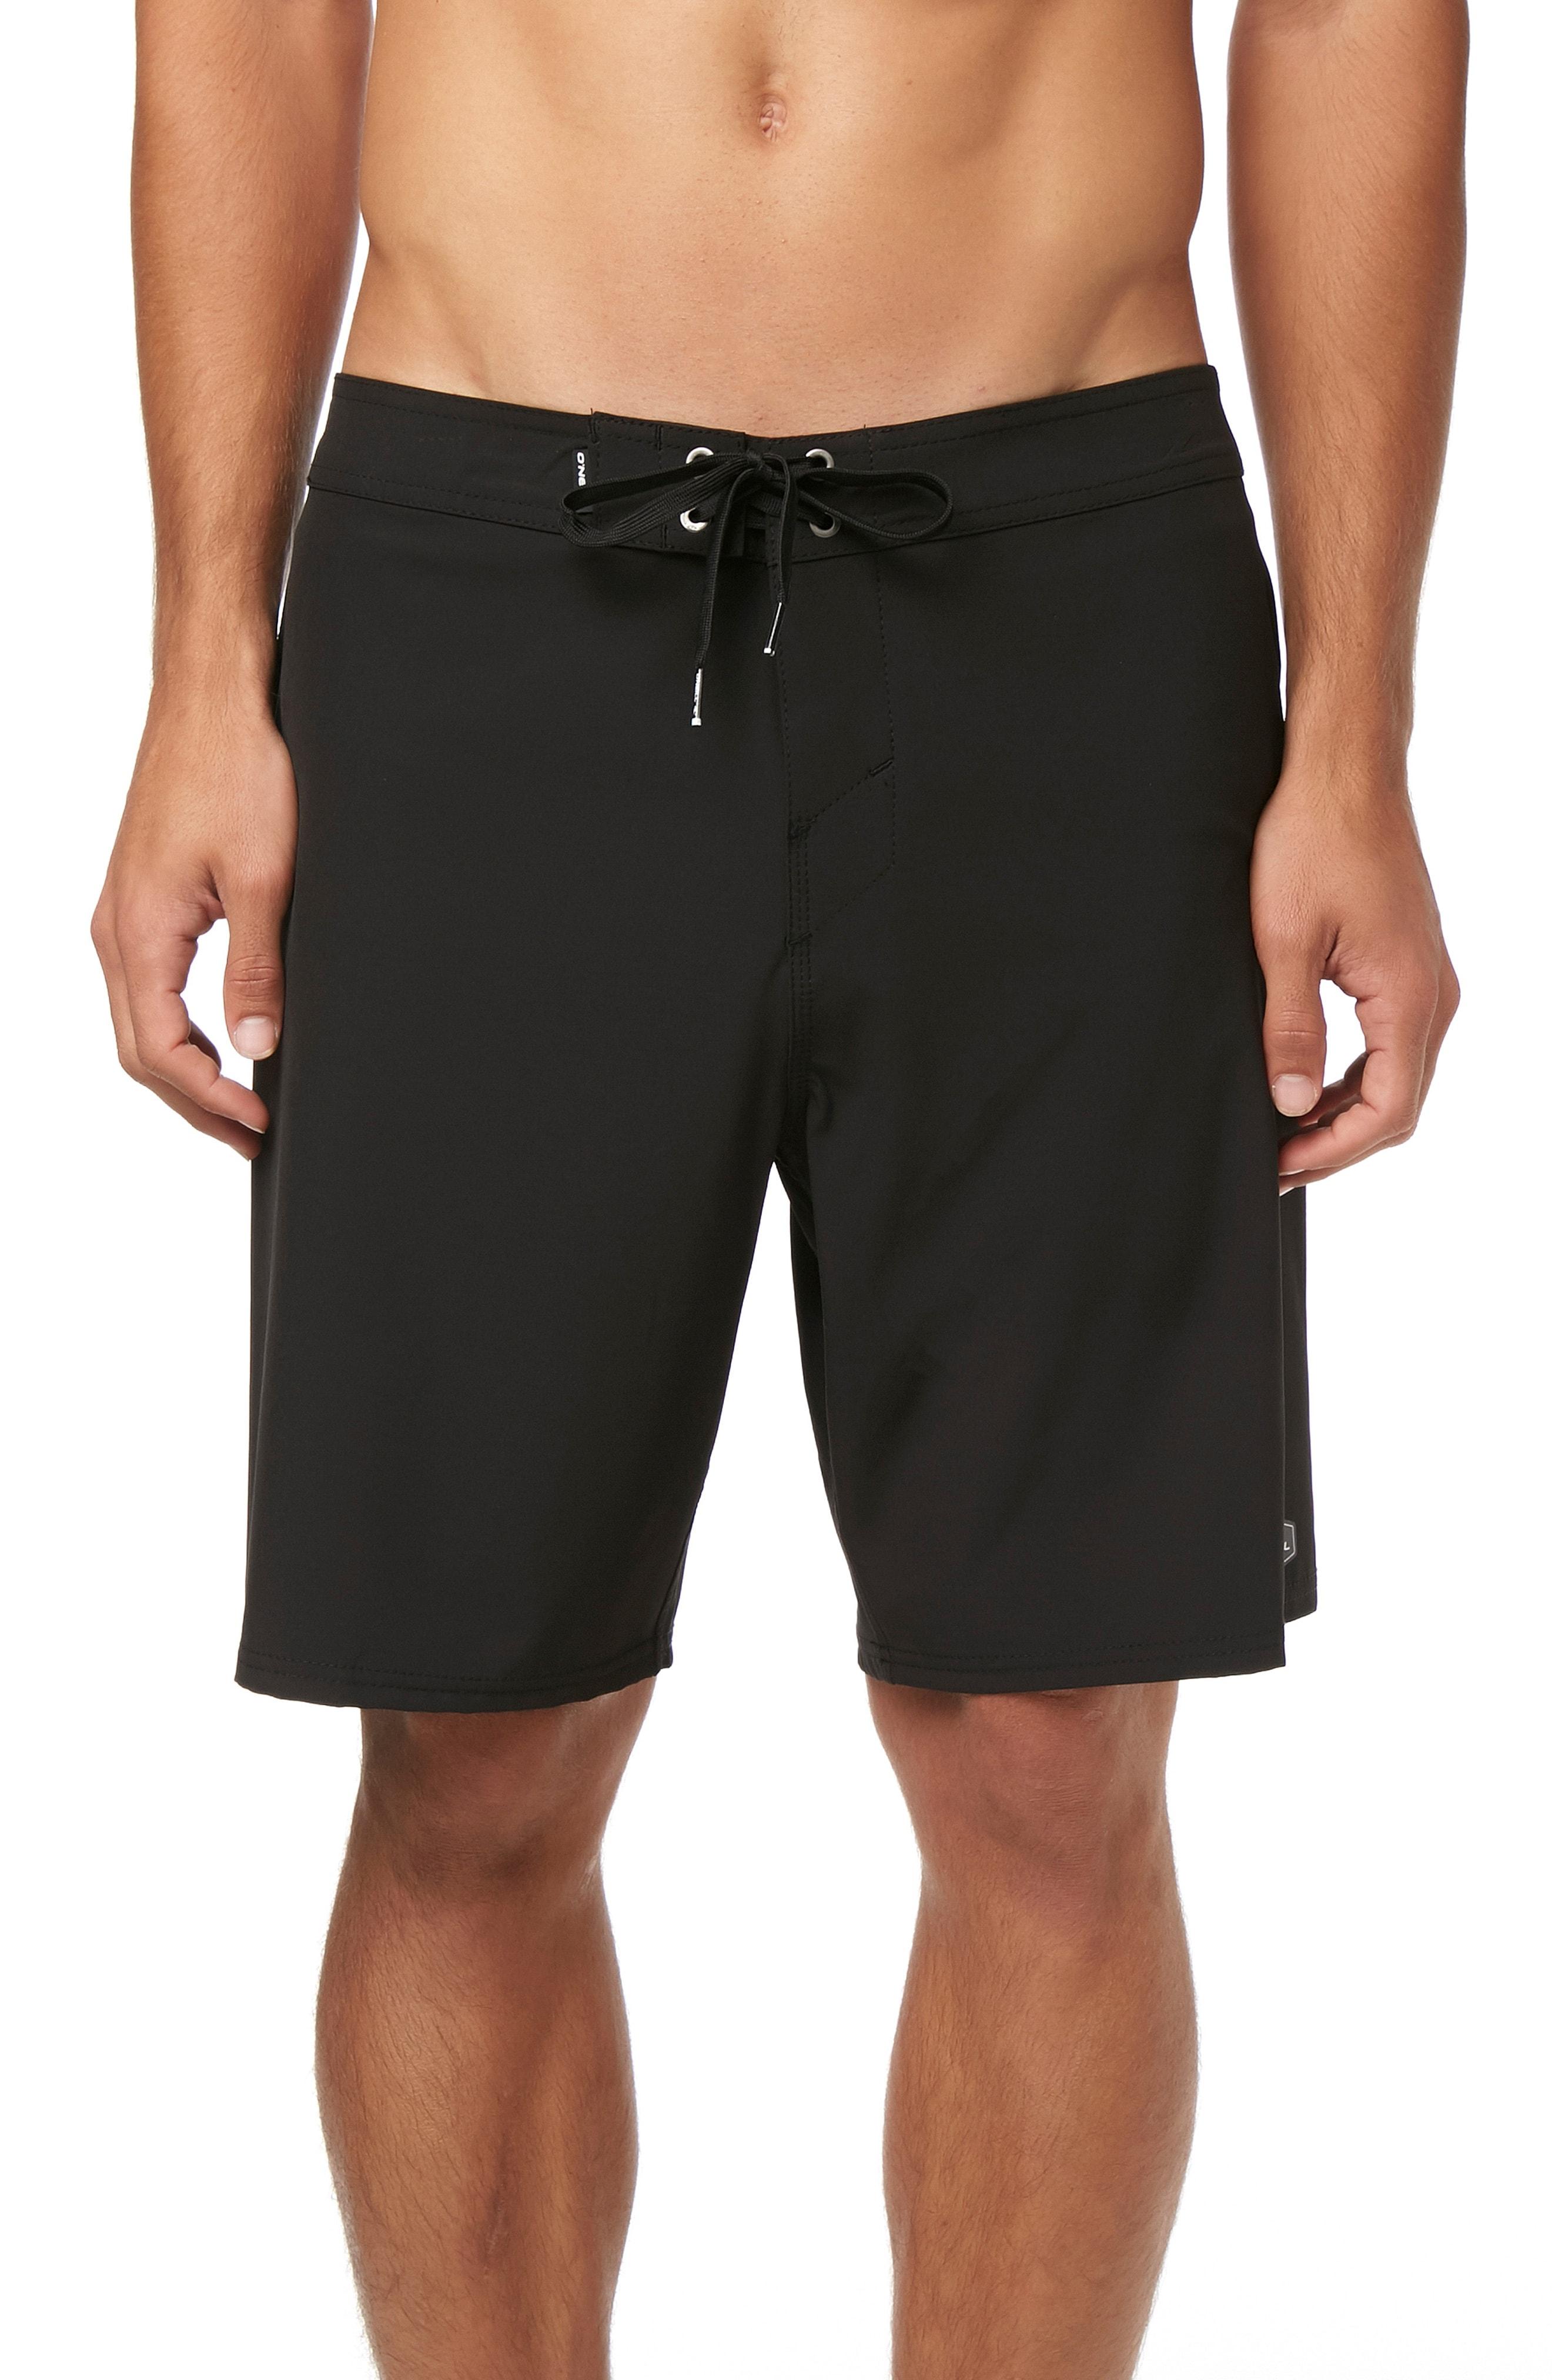 Men's Board Shorts Swimwear: Board Shorts & Swim Trunks | Nordstrom